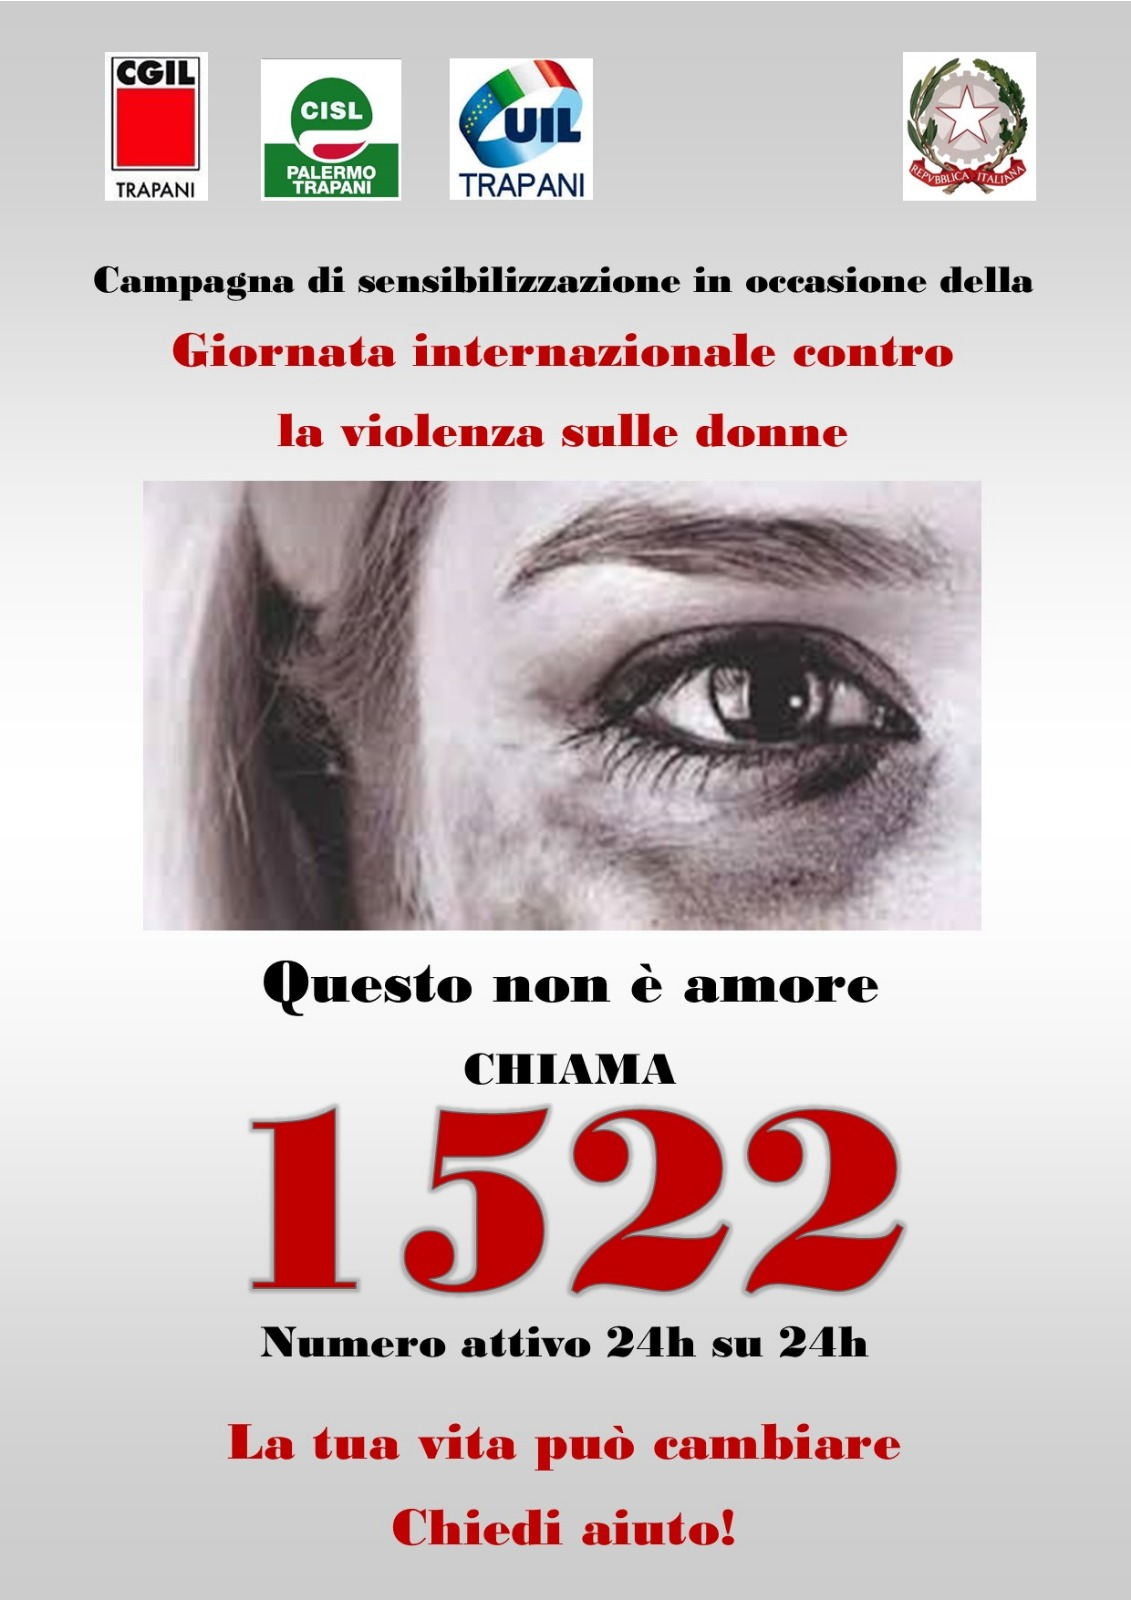 hjd6ilqzpvcpum https www tp24 it 2020 11 25 sociale oggi la giornata contro la violenza sulle donne le iniziative nel trapanese le 93 vittime nel 2020 157116